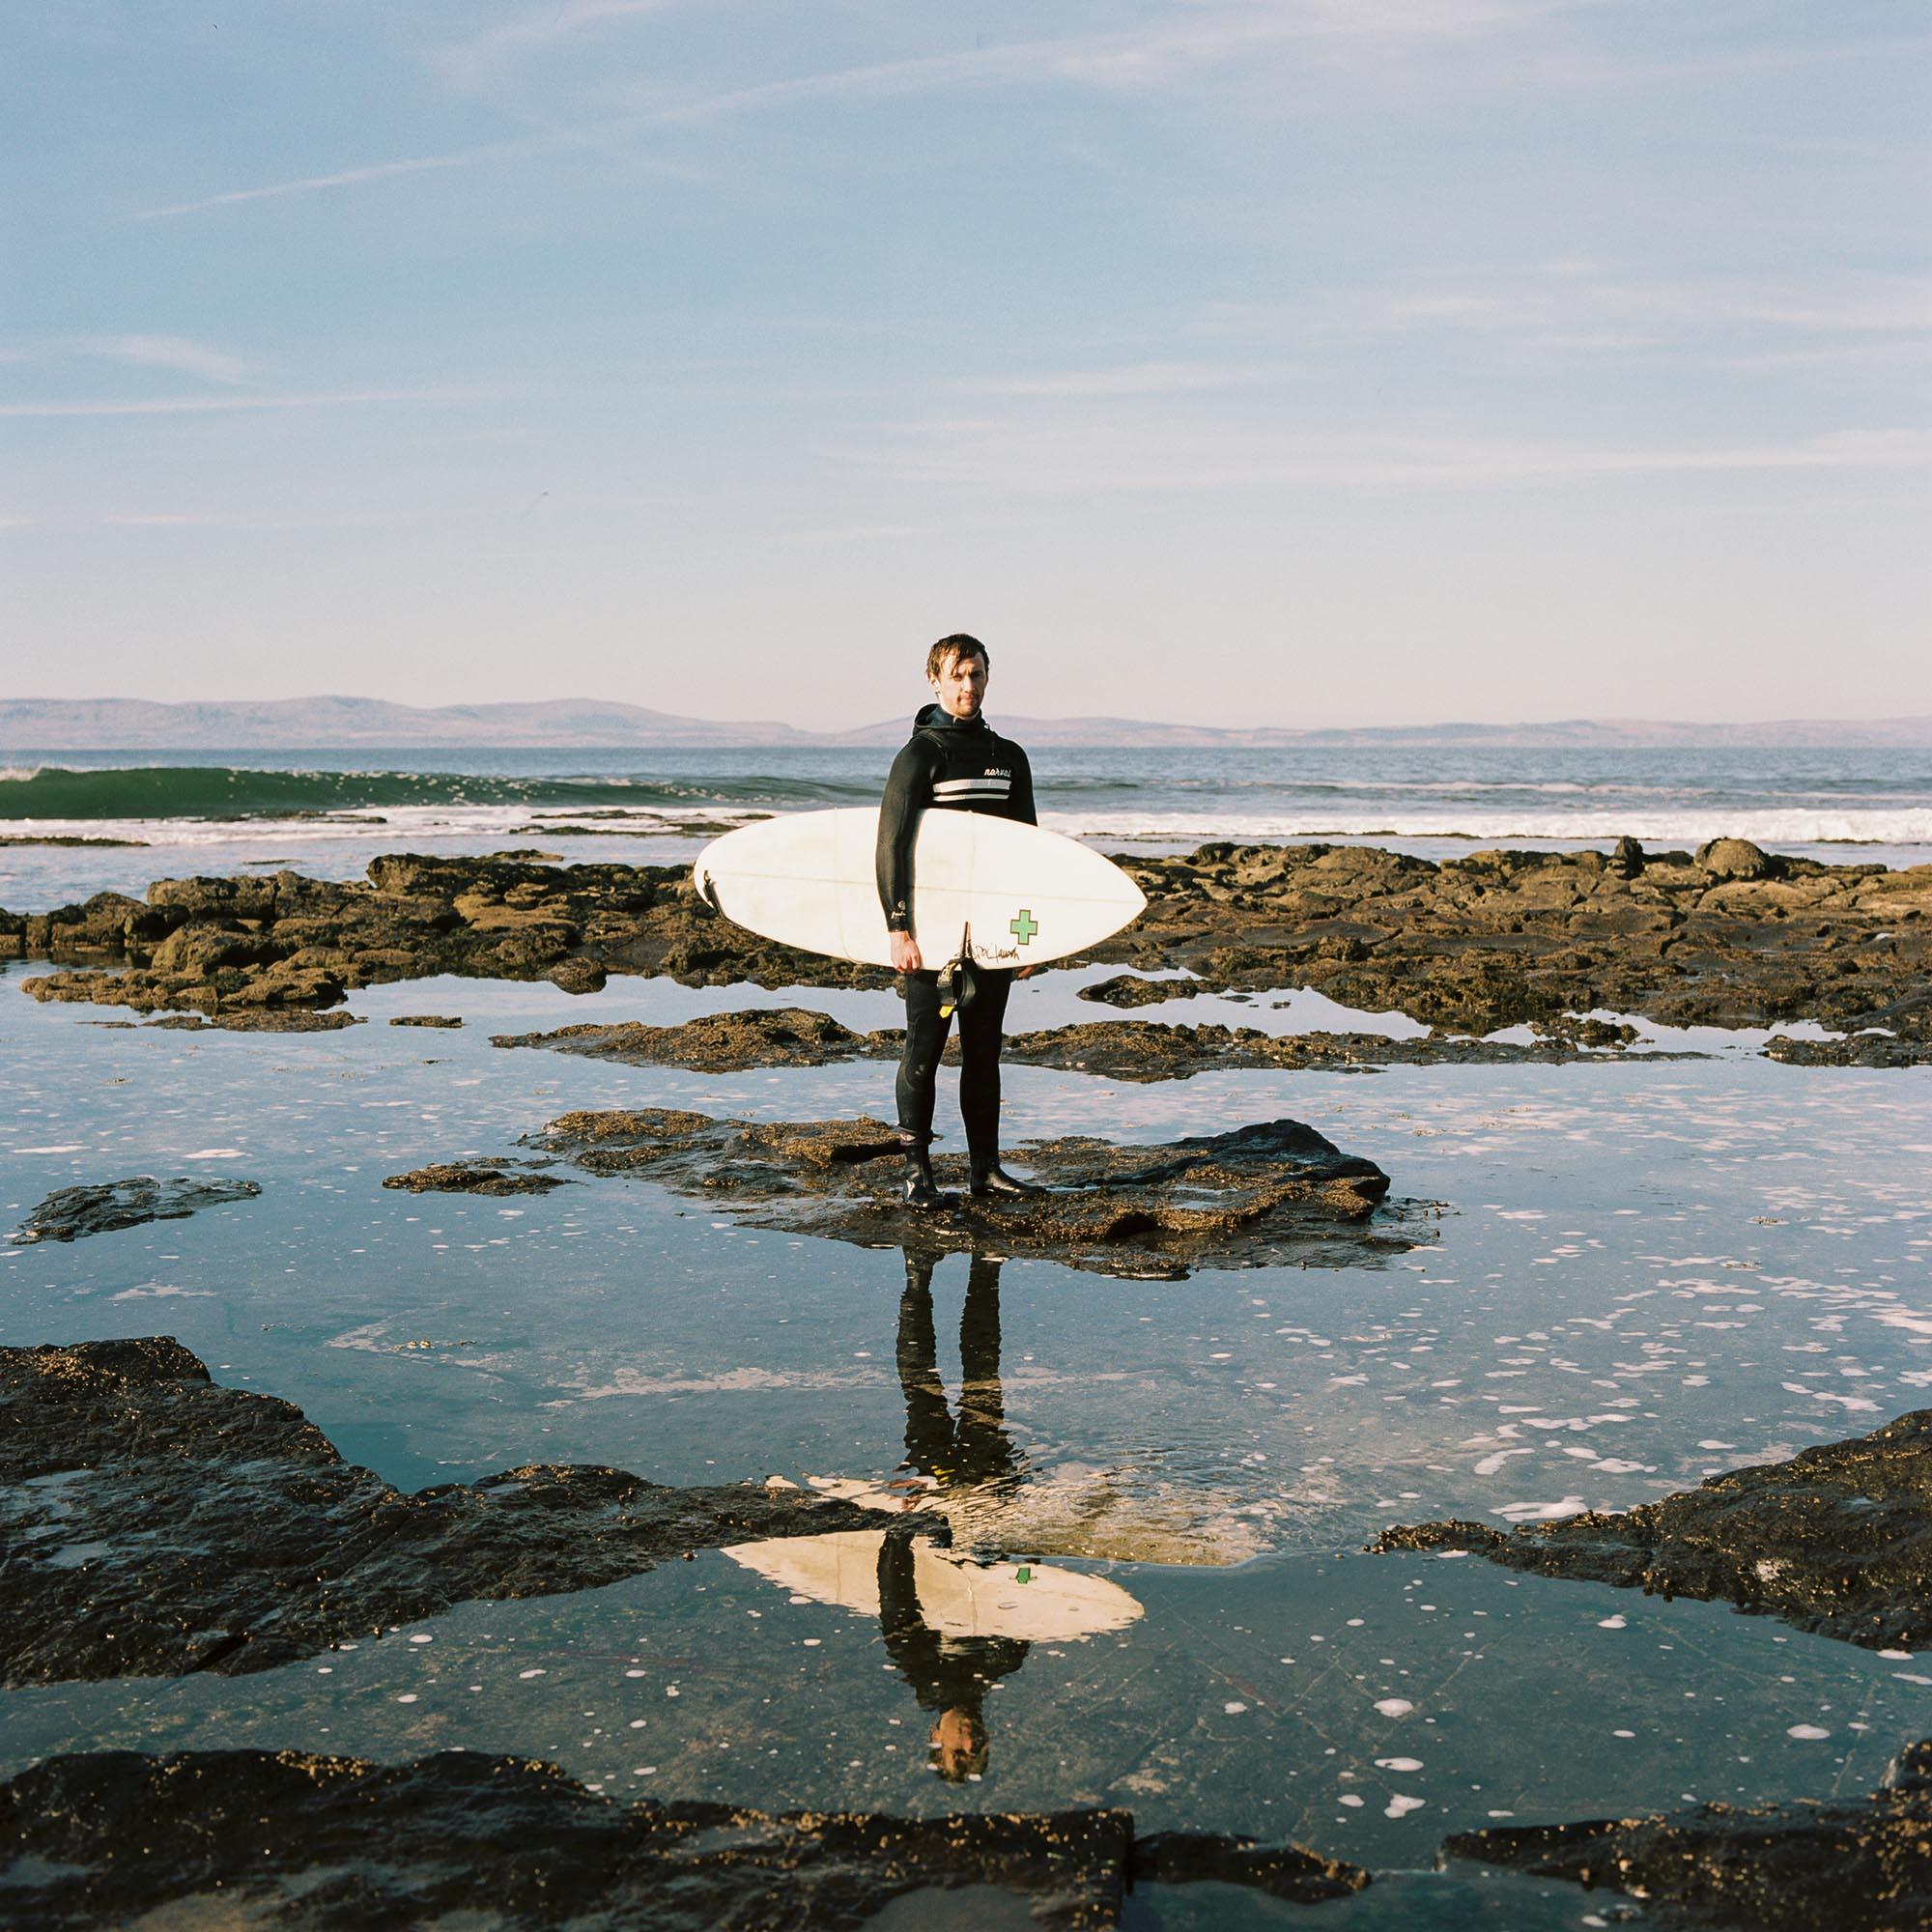 Cian Logue, Bundoran, County Donegal